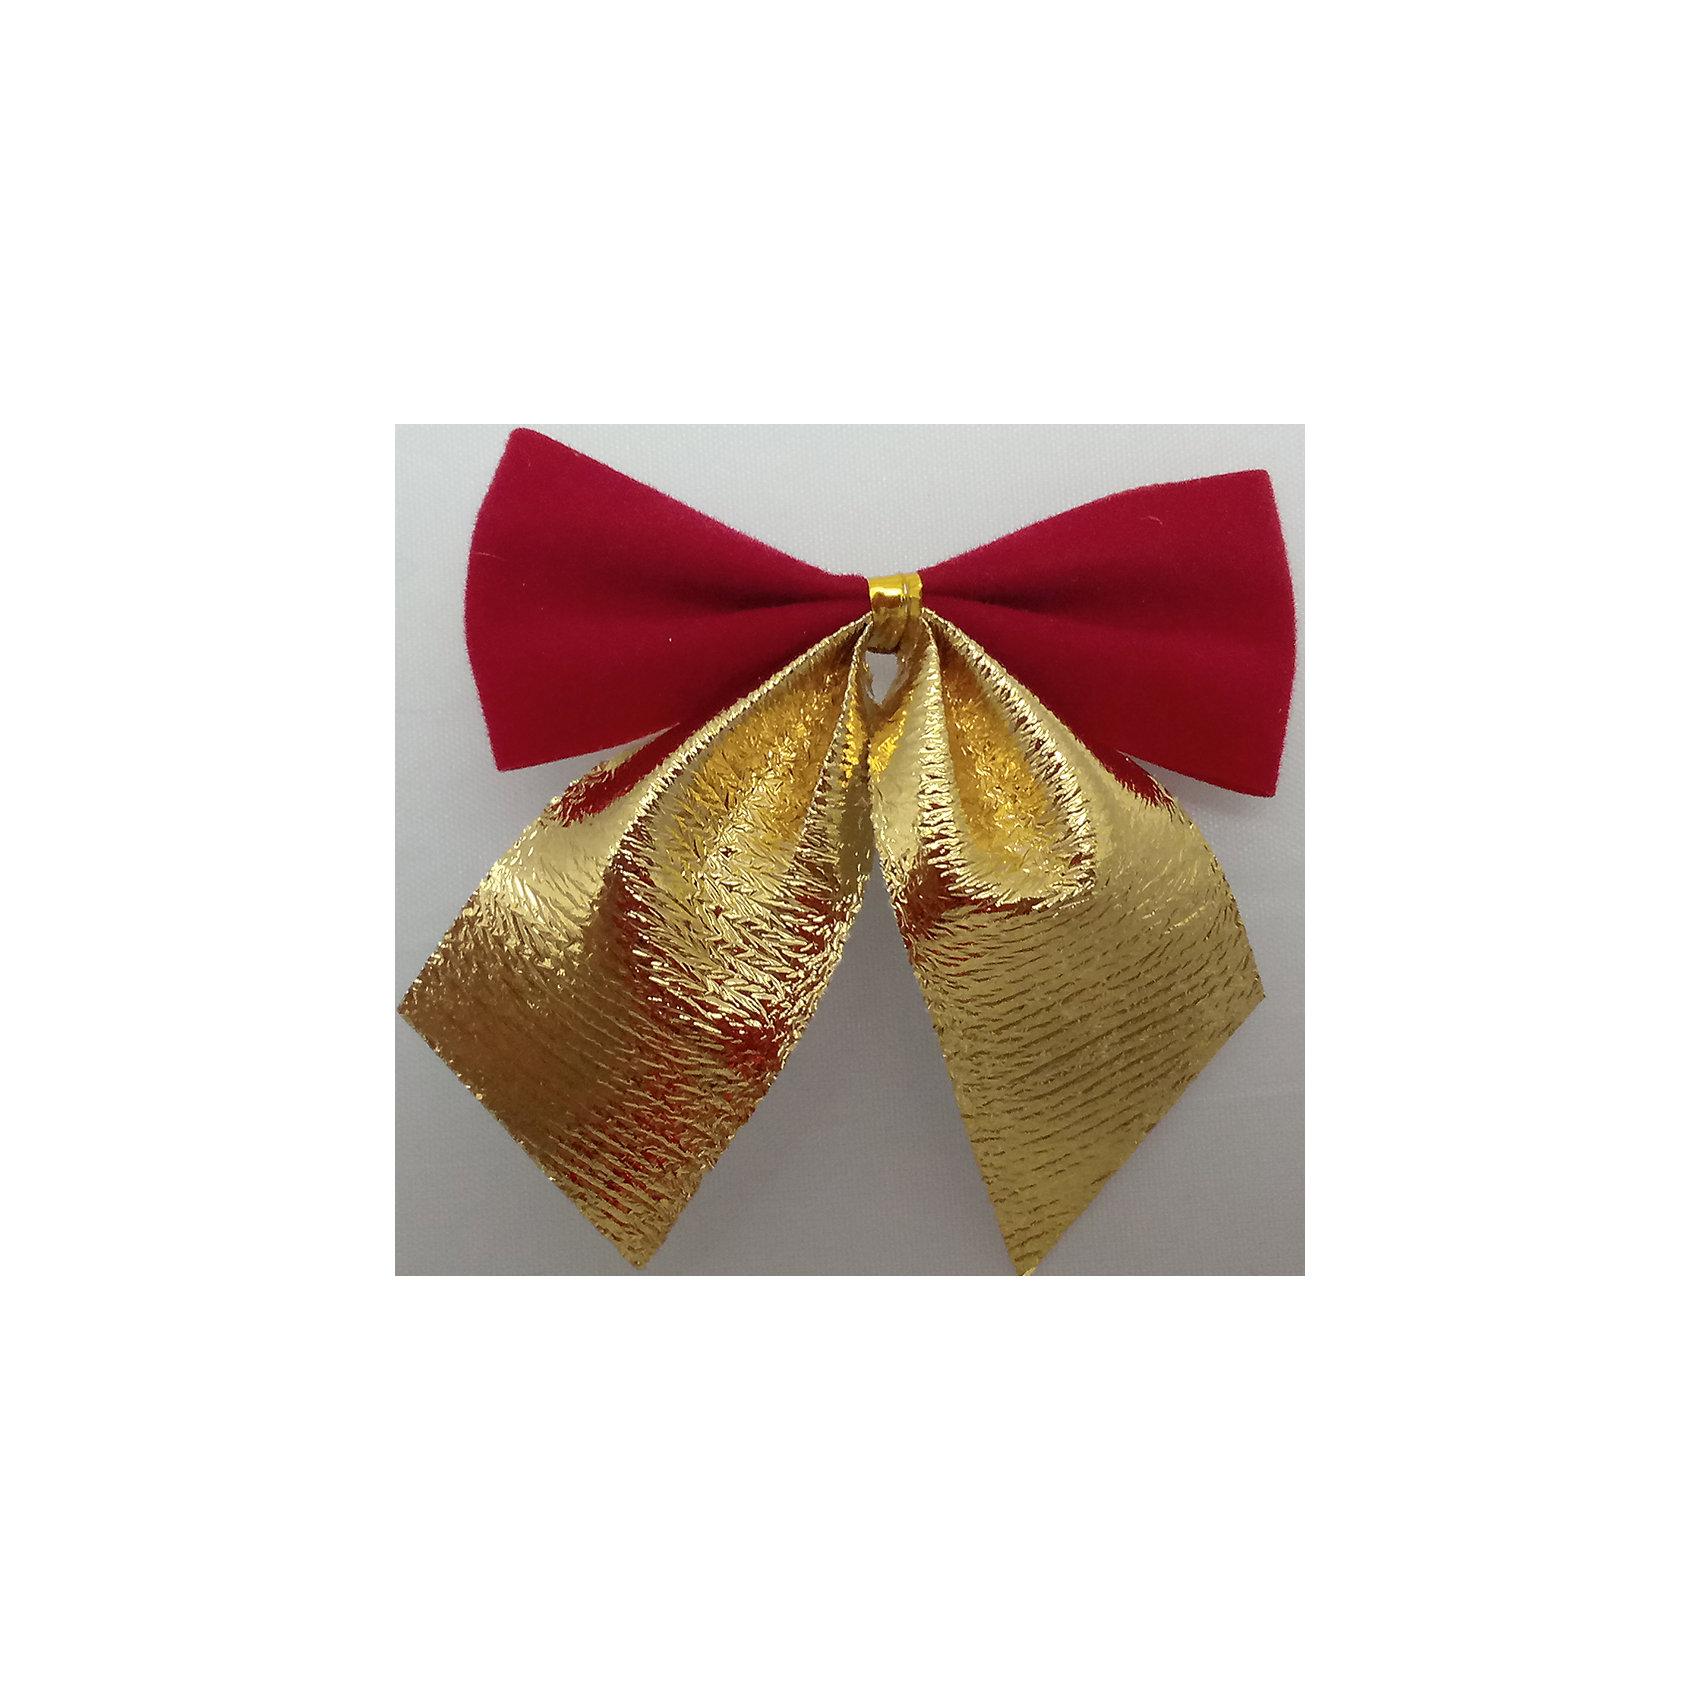 Набор Красные с золотом банты 12 штВсё для праздника<br>Банты красные с золотом 12 штук арт.16073   Бант выполнен из нейлона и предназначен для оформления подарочных коробок, пакетов. Кроме того, декоративный бант прекрасно для оформления праздничной елки и интерьера.<br><br>Ширина мм: 290<br>Глубина мм: 170<br>Высота мм: 10<br>Вес г: 100<br>Возраст от месяцев: 72<br>Возраст до месяцев: 480<br>Пол: Унисекс<br>Возраст: Детский<br>SKU: 5051633